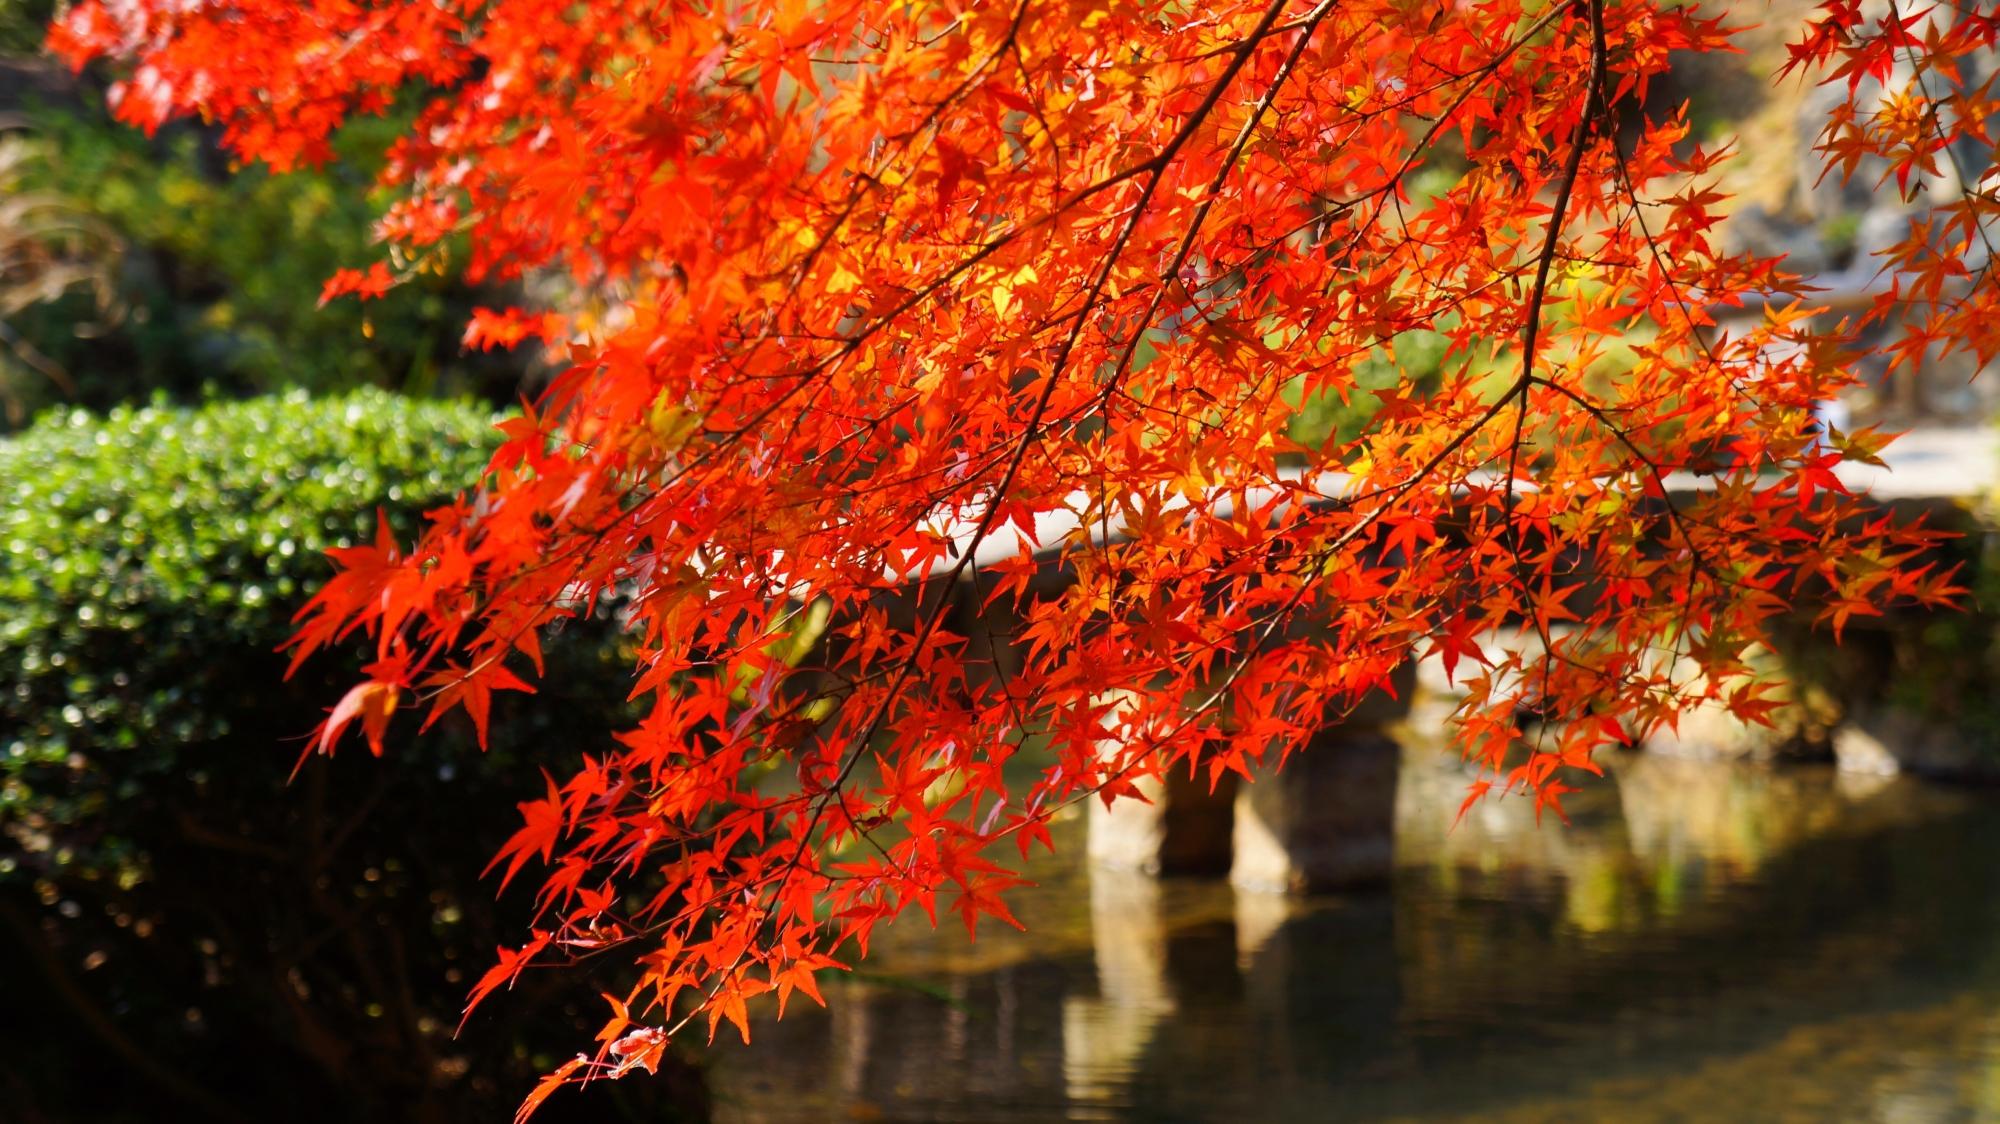 金戒光明寺庭園の石橋を背景にした非常に絵になる紅葉